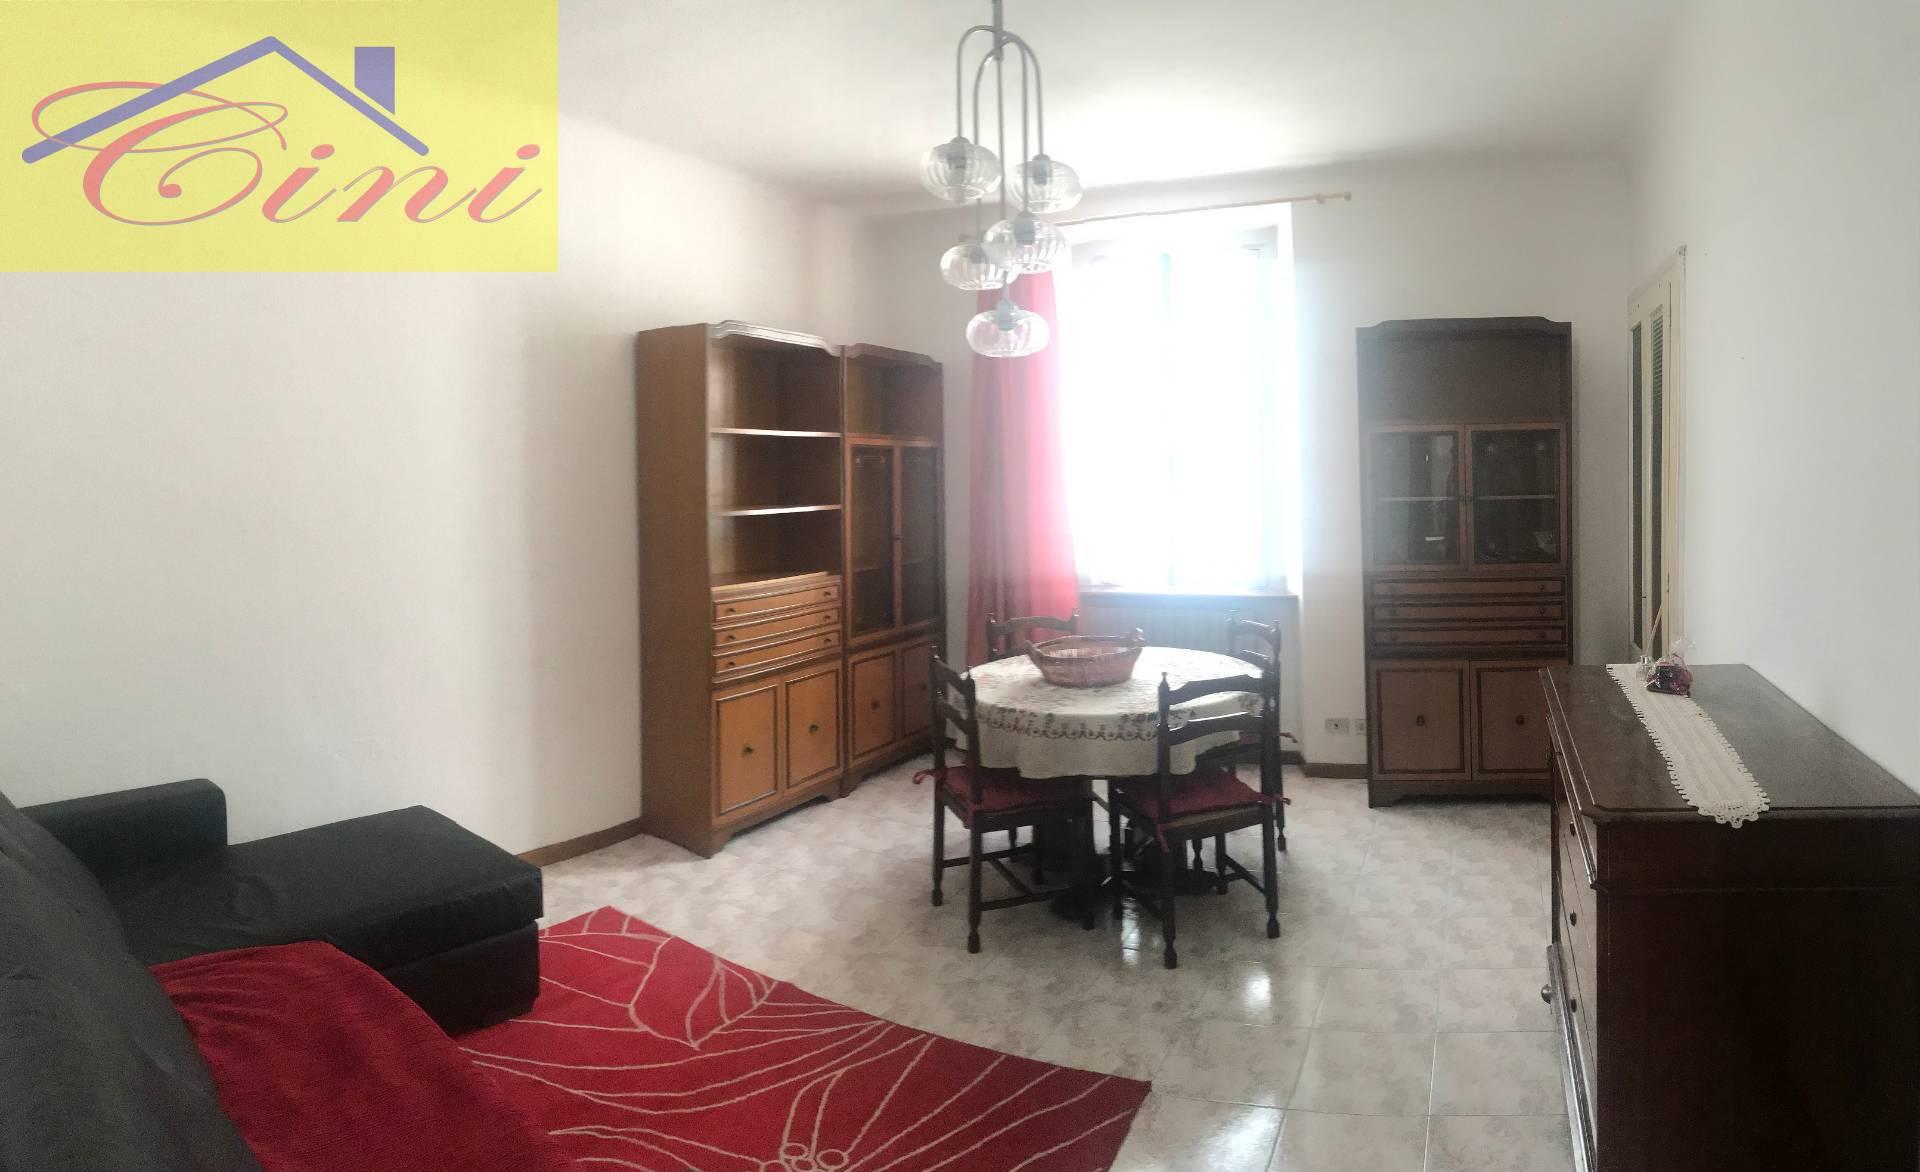 Vendita Trilocale Appartamento Lecco 151602